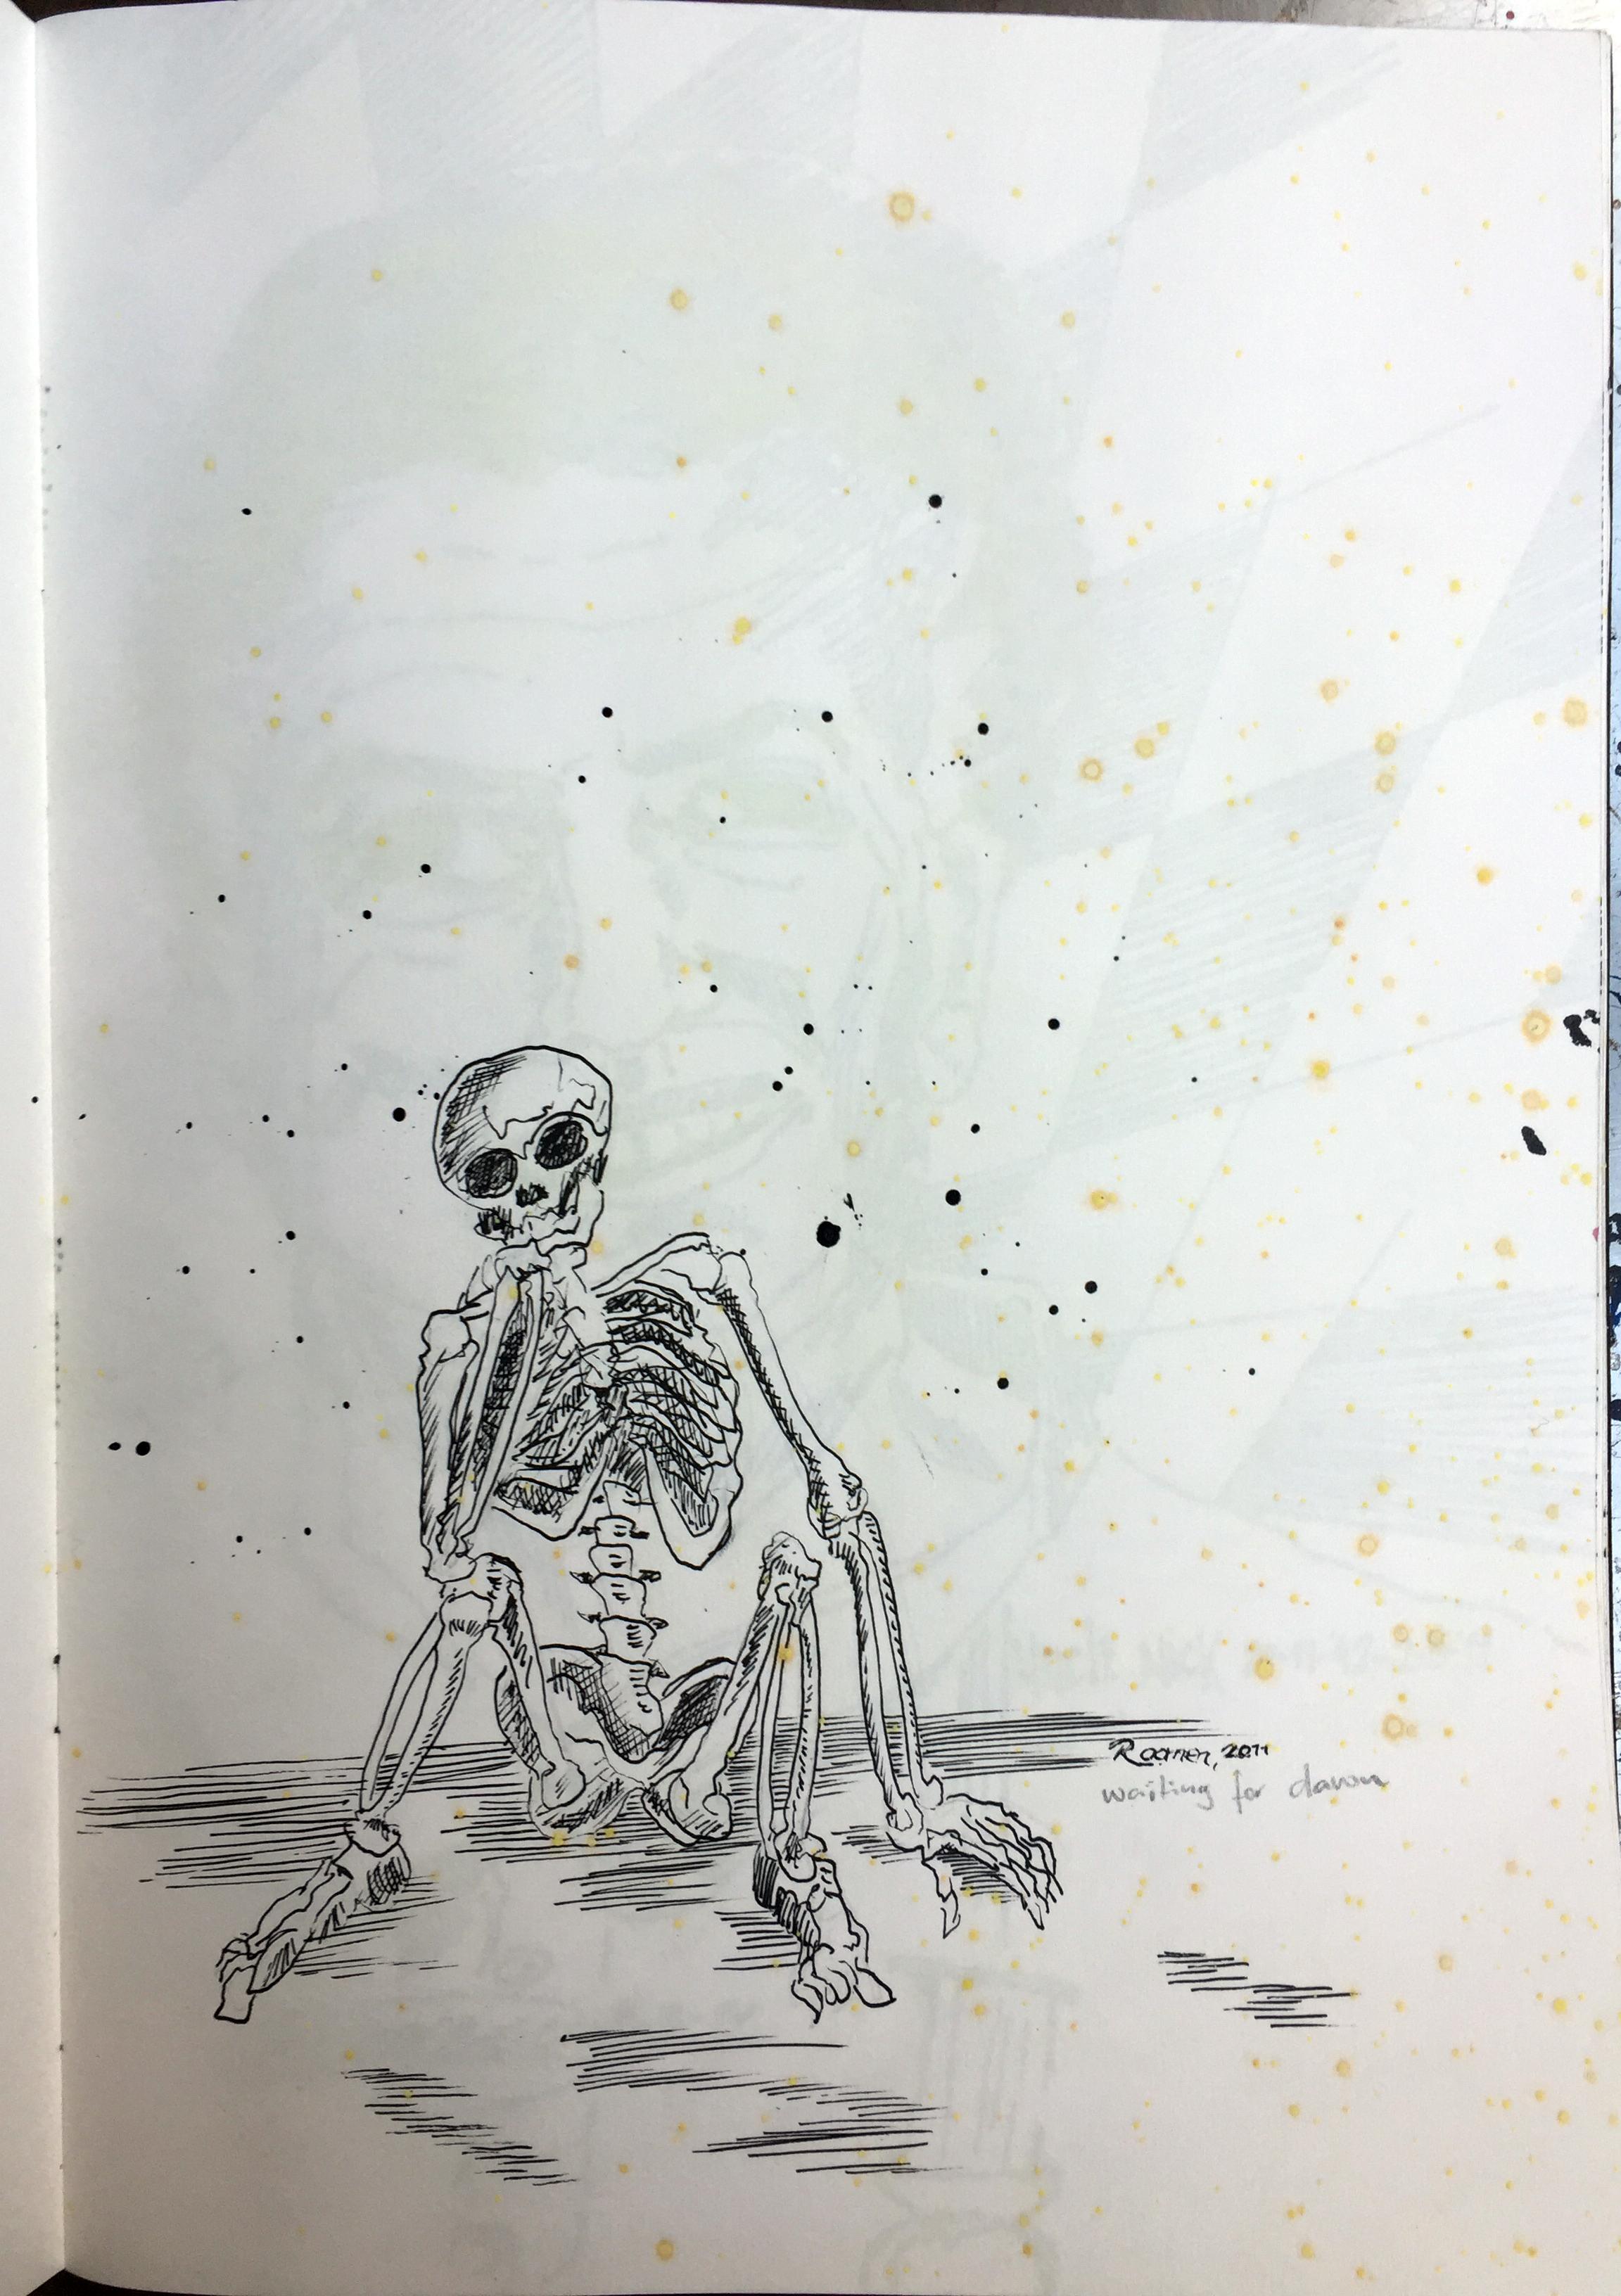 skeleton wondering ink on paper 42x29,7 cm 2011